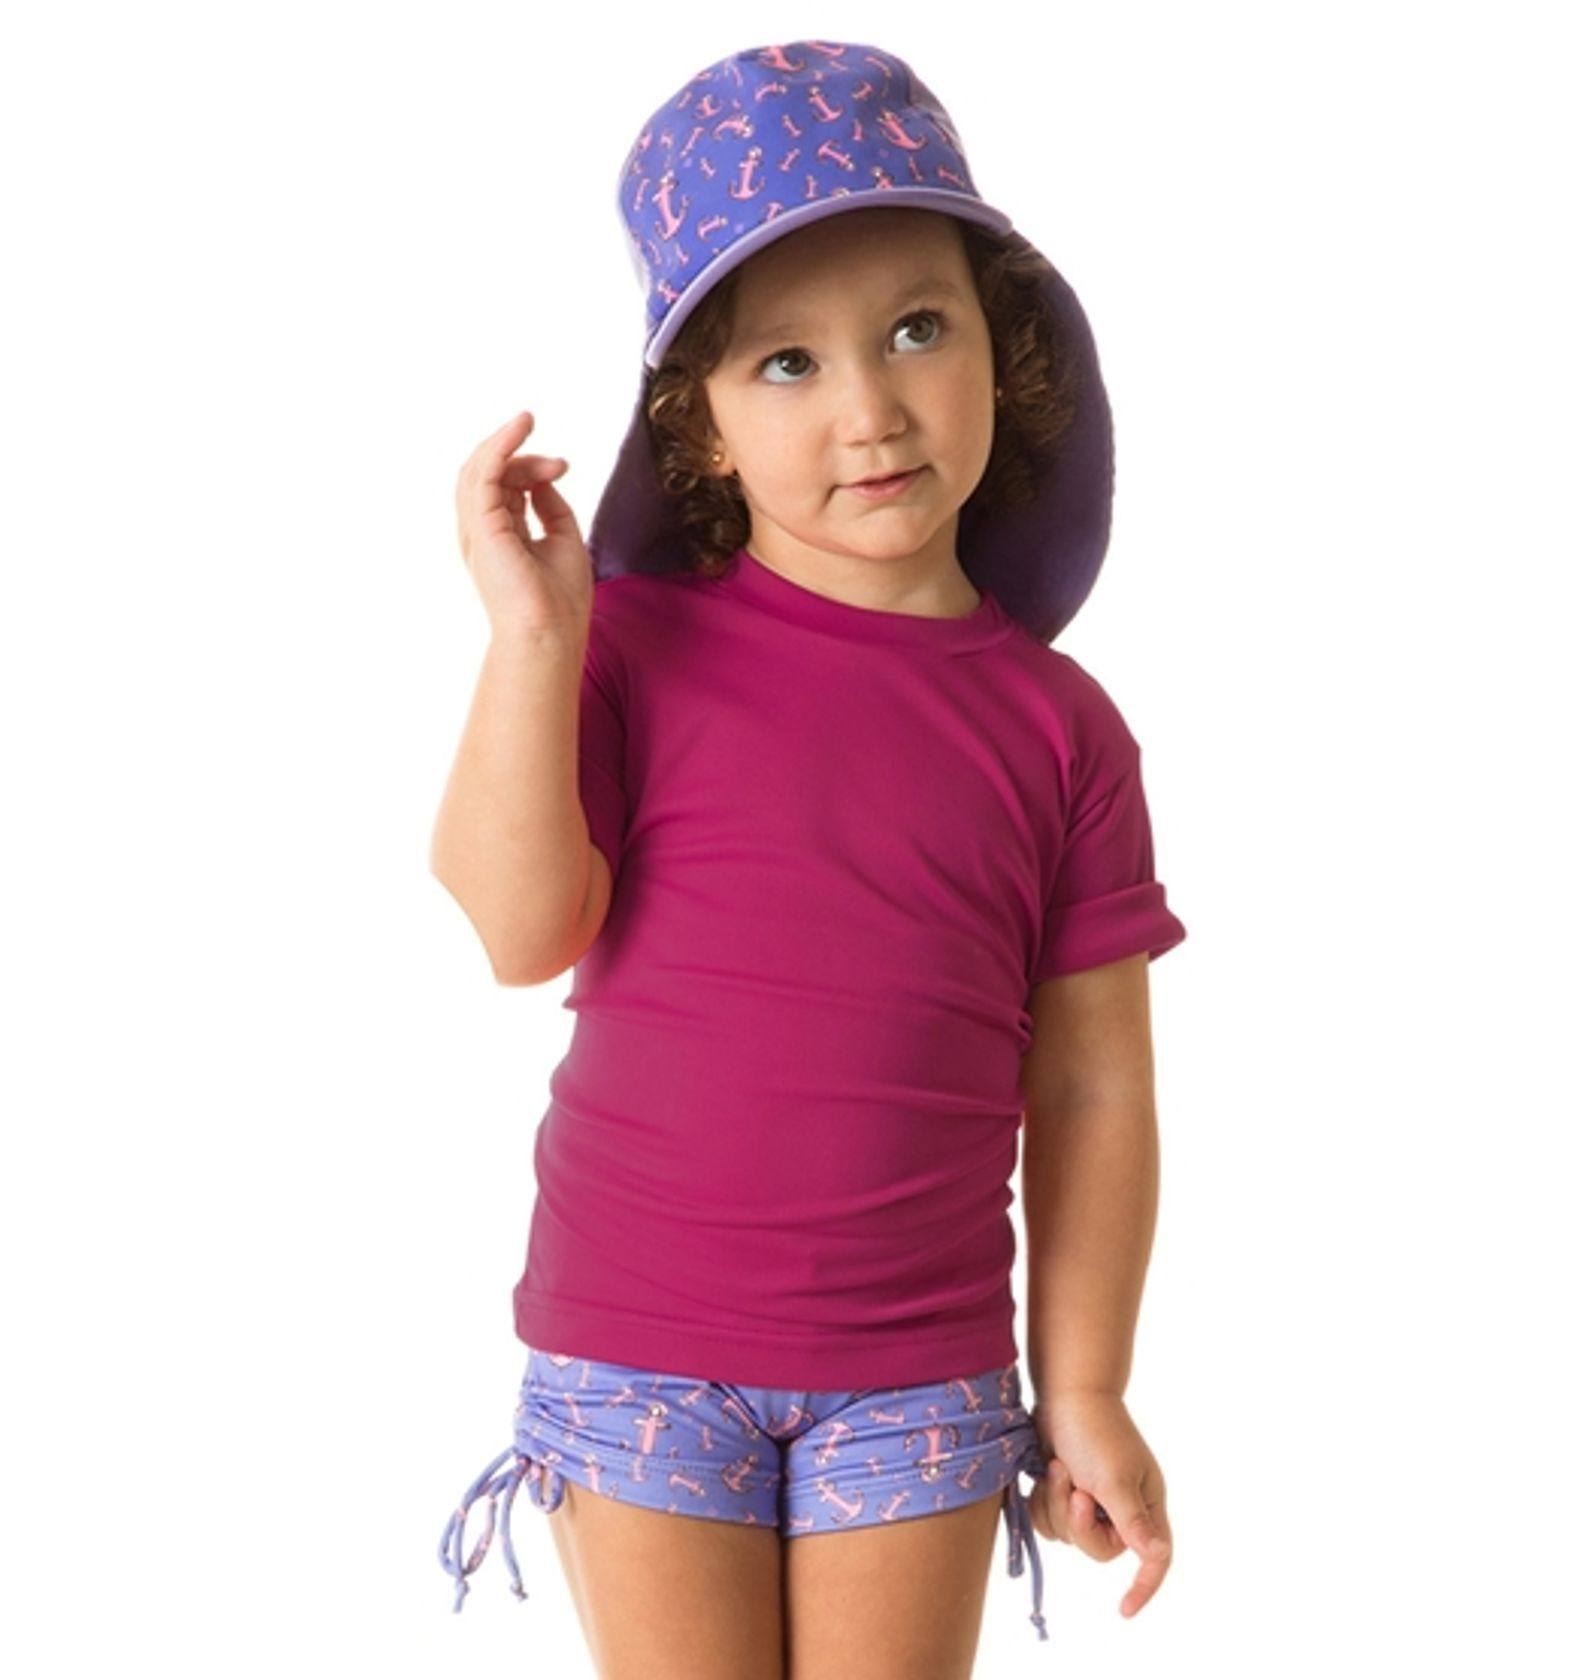 8156176a26 Uvline Camiseta Uvpro MC Infantil Magenta Proteção Solar - SAMBURA